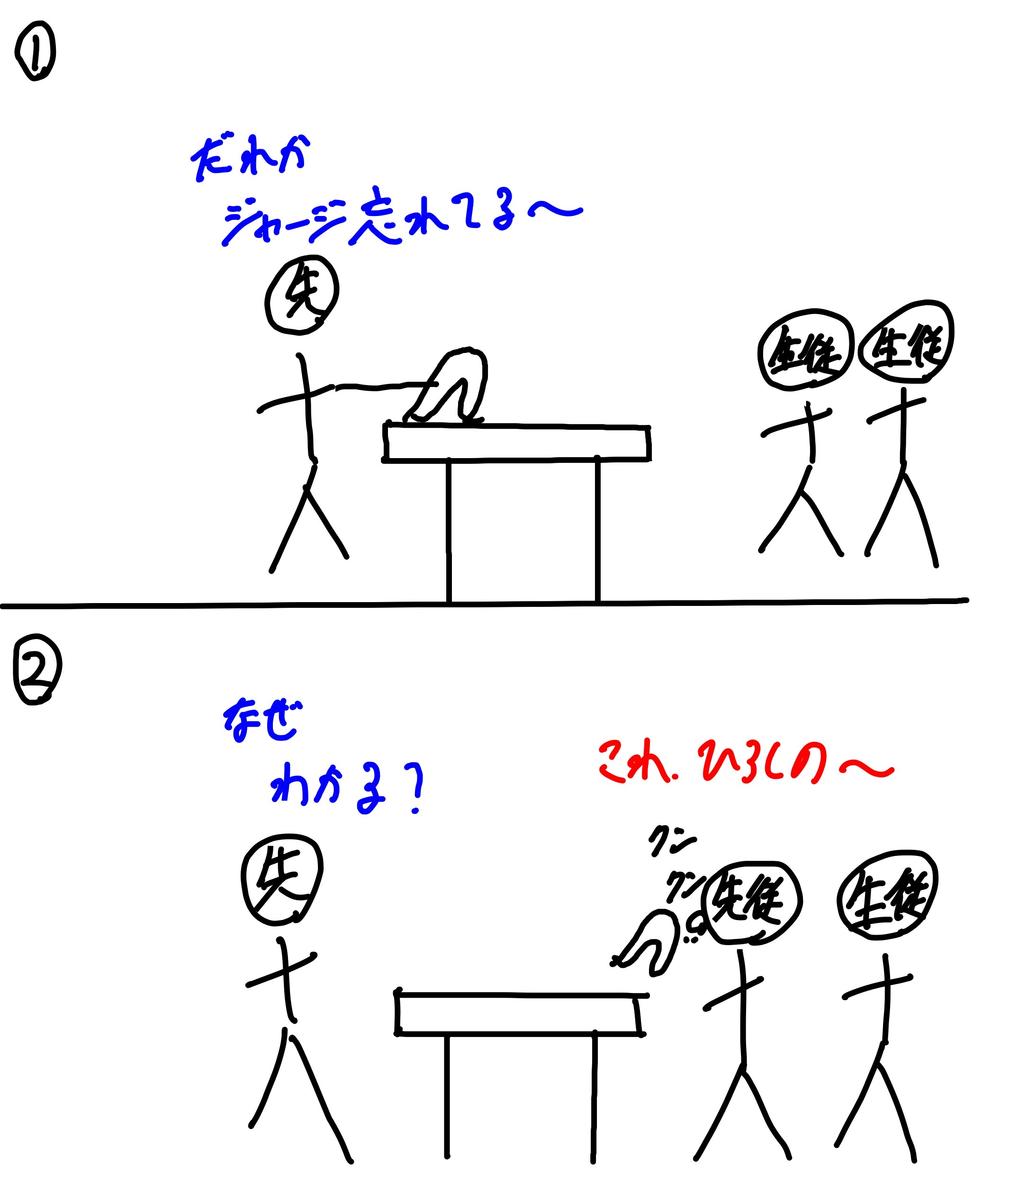 f:id:kanaeruEnglish:20200628125627p:plain